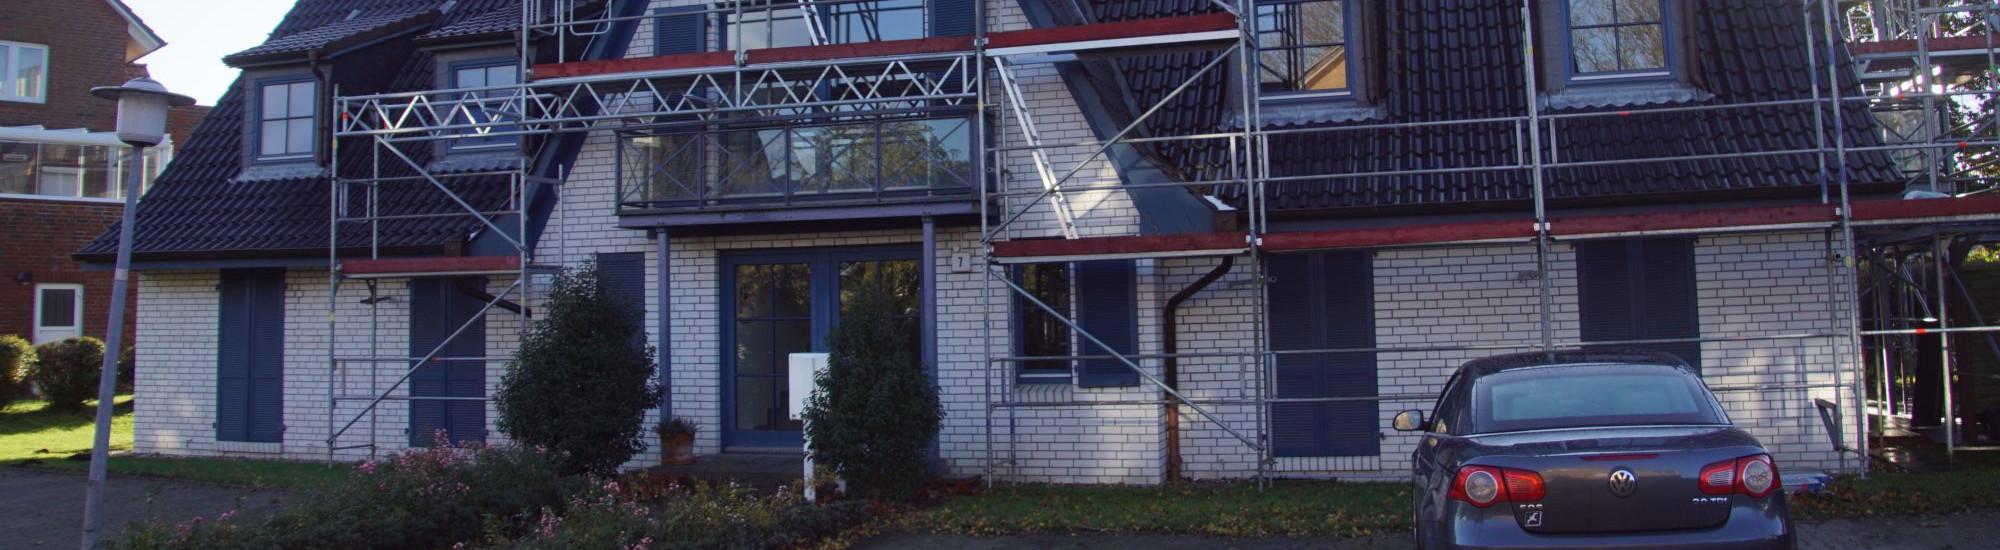 Entspannung an der Kieler Bucht - Strandnahe Wohnung mit Balkon